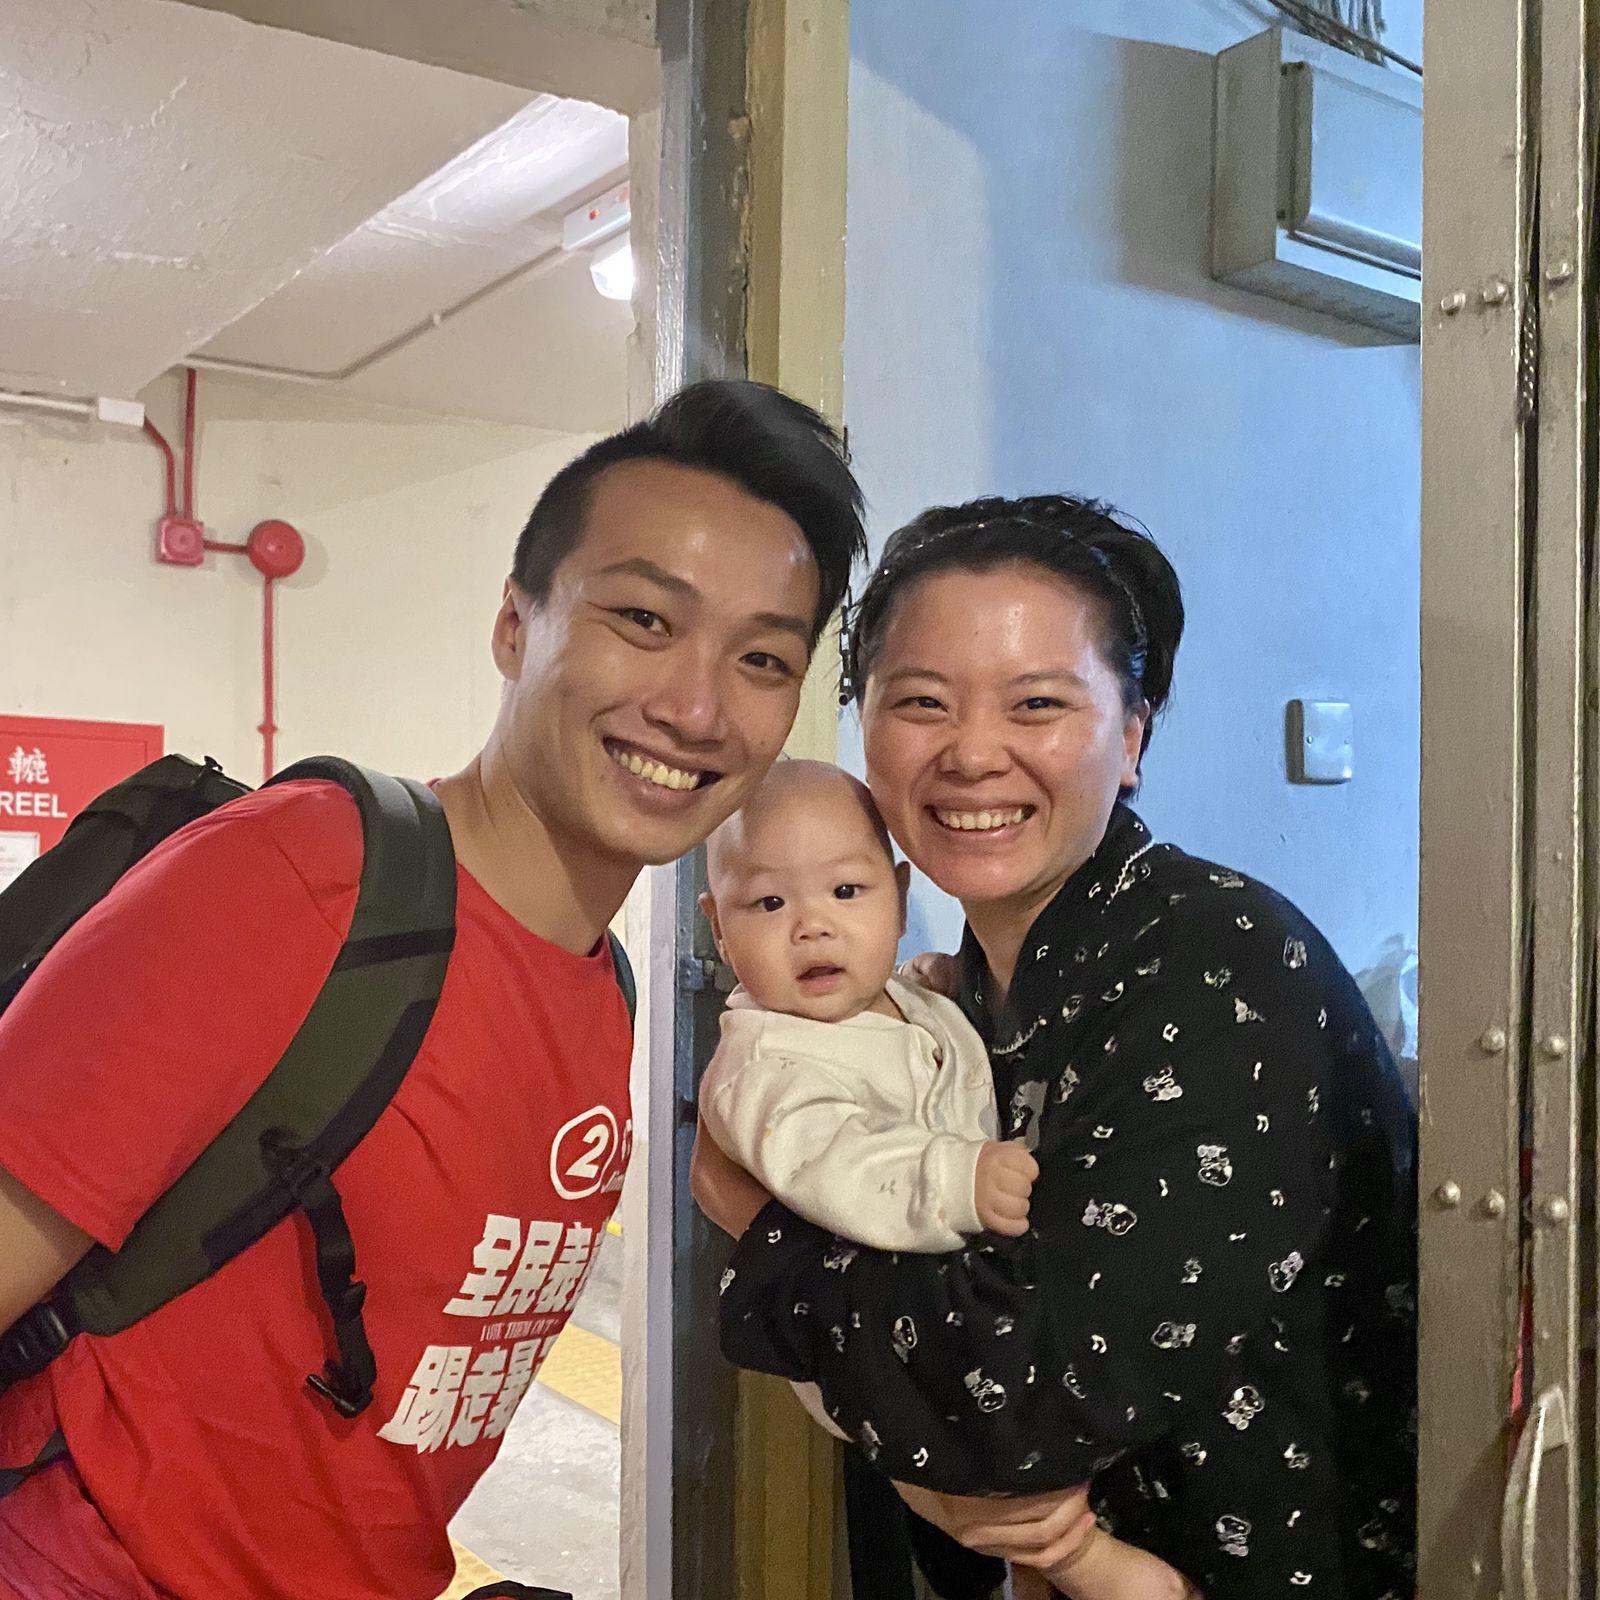 Jimmy Sham/ League of Social Democrats/ Hong Kong